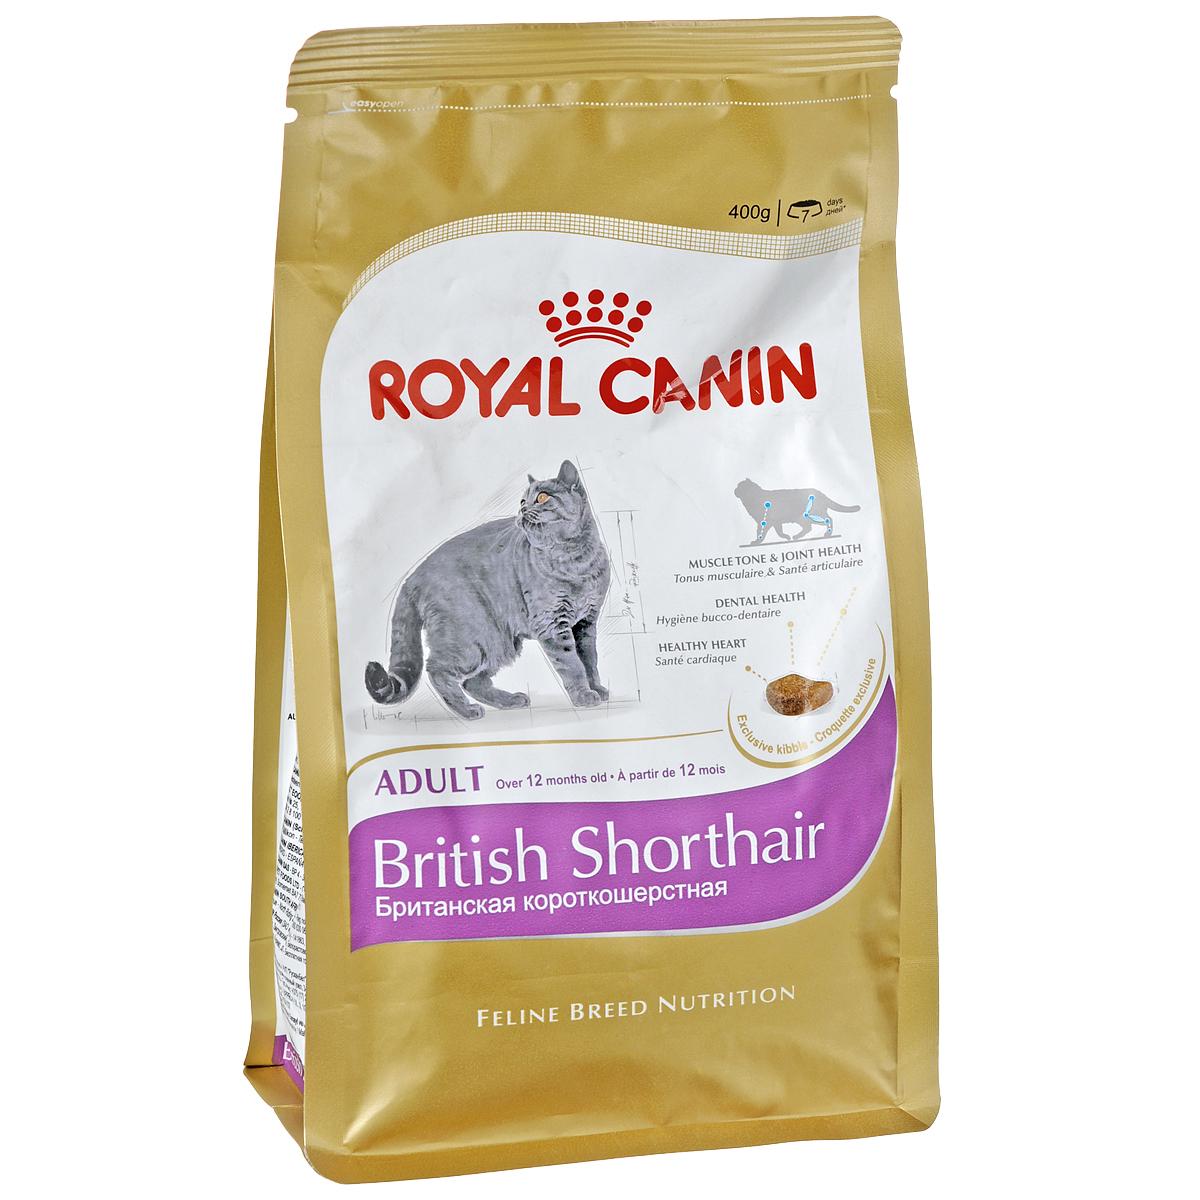 Корм сухой Royal Canin British Shorthair Adult, для британских короткошерстных кошек старше 12 месяцев, 400 г6402Сухой корм Royal Canin British Shorthair Adult - полнорационный корм для британских короткошерстных кошек старше 12 месяцев. Британская короткошерстная кошка родом из Великобритании, что явствует из названия породы. Медленное разгрызание и поглощение корма: забота о гигиене ротовой полости. Чтобы кошка по возможности не проглатывала корм, не разгрызая, ей необходимы крокеты особой формы и размера — тогда их поедание будет более физиологичным. Это решает и проблему чистки зубов: таким образом поддерживается гигиена ротовой полости. Поддержание оптимальной формы. Мощные и коренастые, британские короткошерстные кошки испытывают повышенную нагрузку на суставы в сравнении с кошками меньшего веса. Крупное сердце — риск для здоровья. Эта порода имеет предрасположенность к сердечным заболеваниям. Соблюдение диетических рекомендаций — залог здоровья сердца! Мышечный тонус и здоровье суставов. У британской короткошерстной кошки мощное плотное телосложение, вследствие...